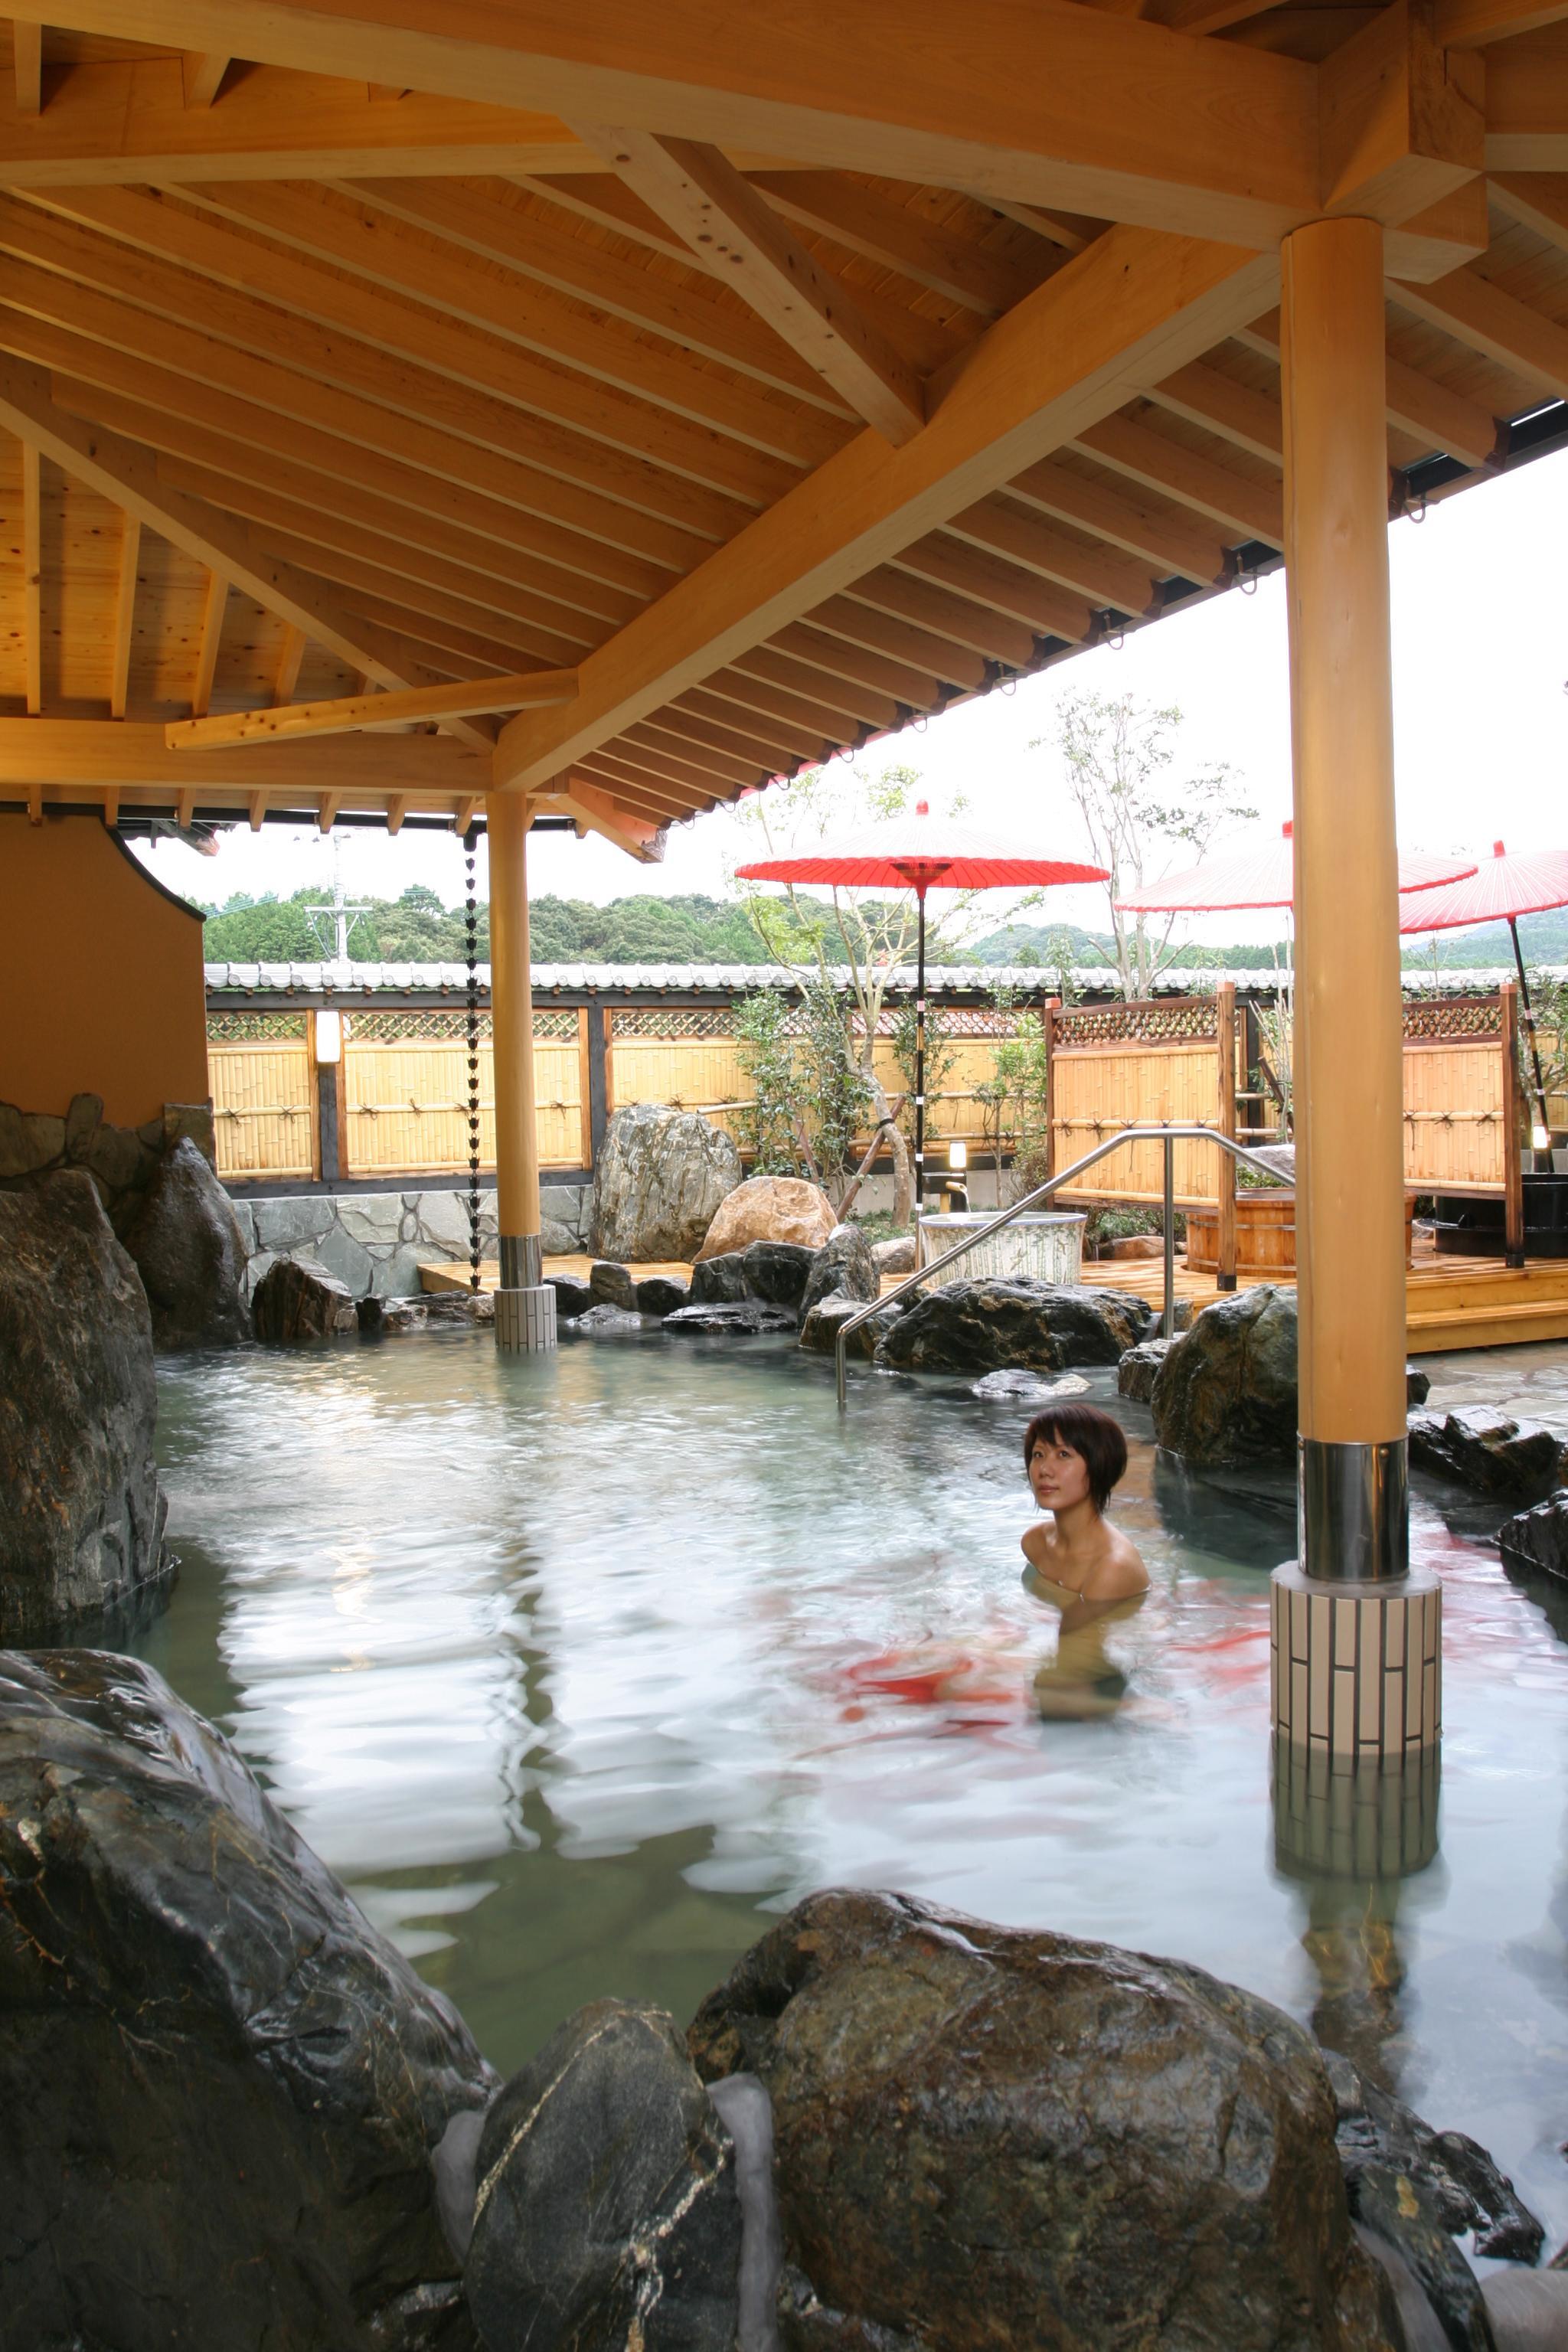 ... の湯 | 温泉 | 武雄市観光協会